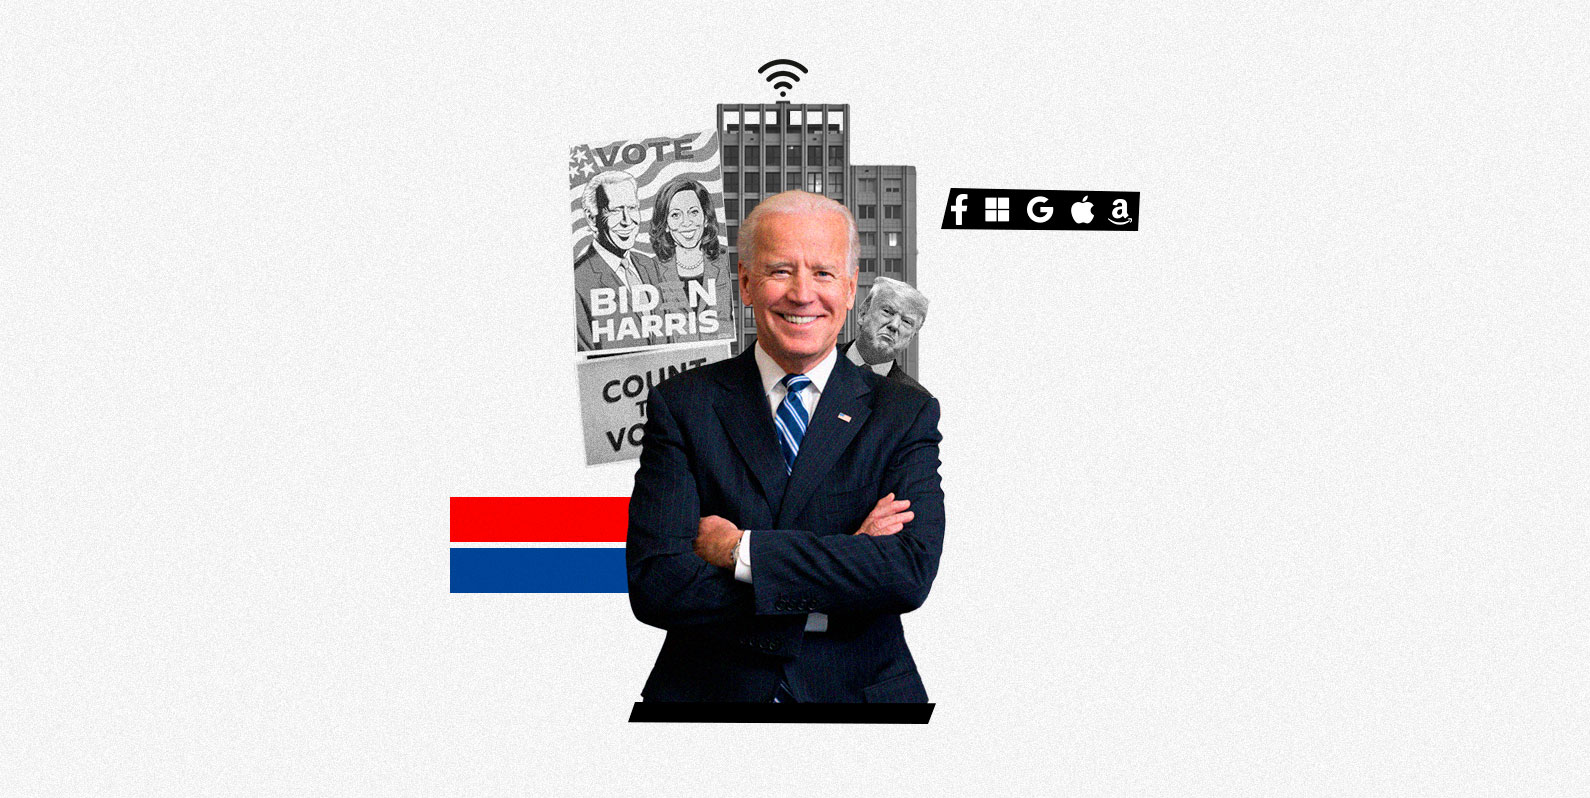 Governo Biden: o que significa para o mercado de tecnologia?